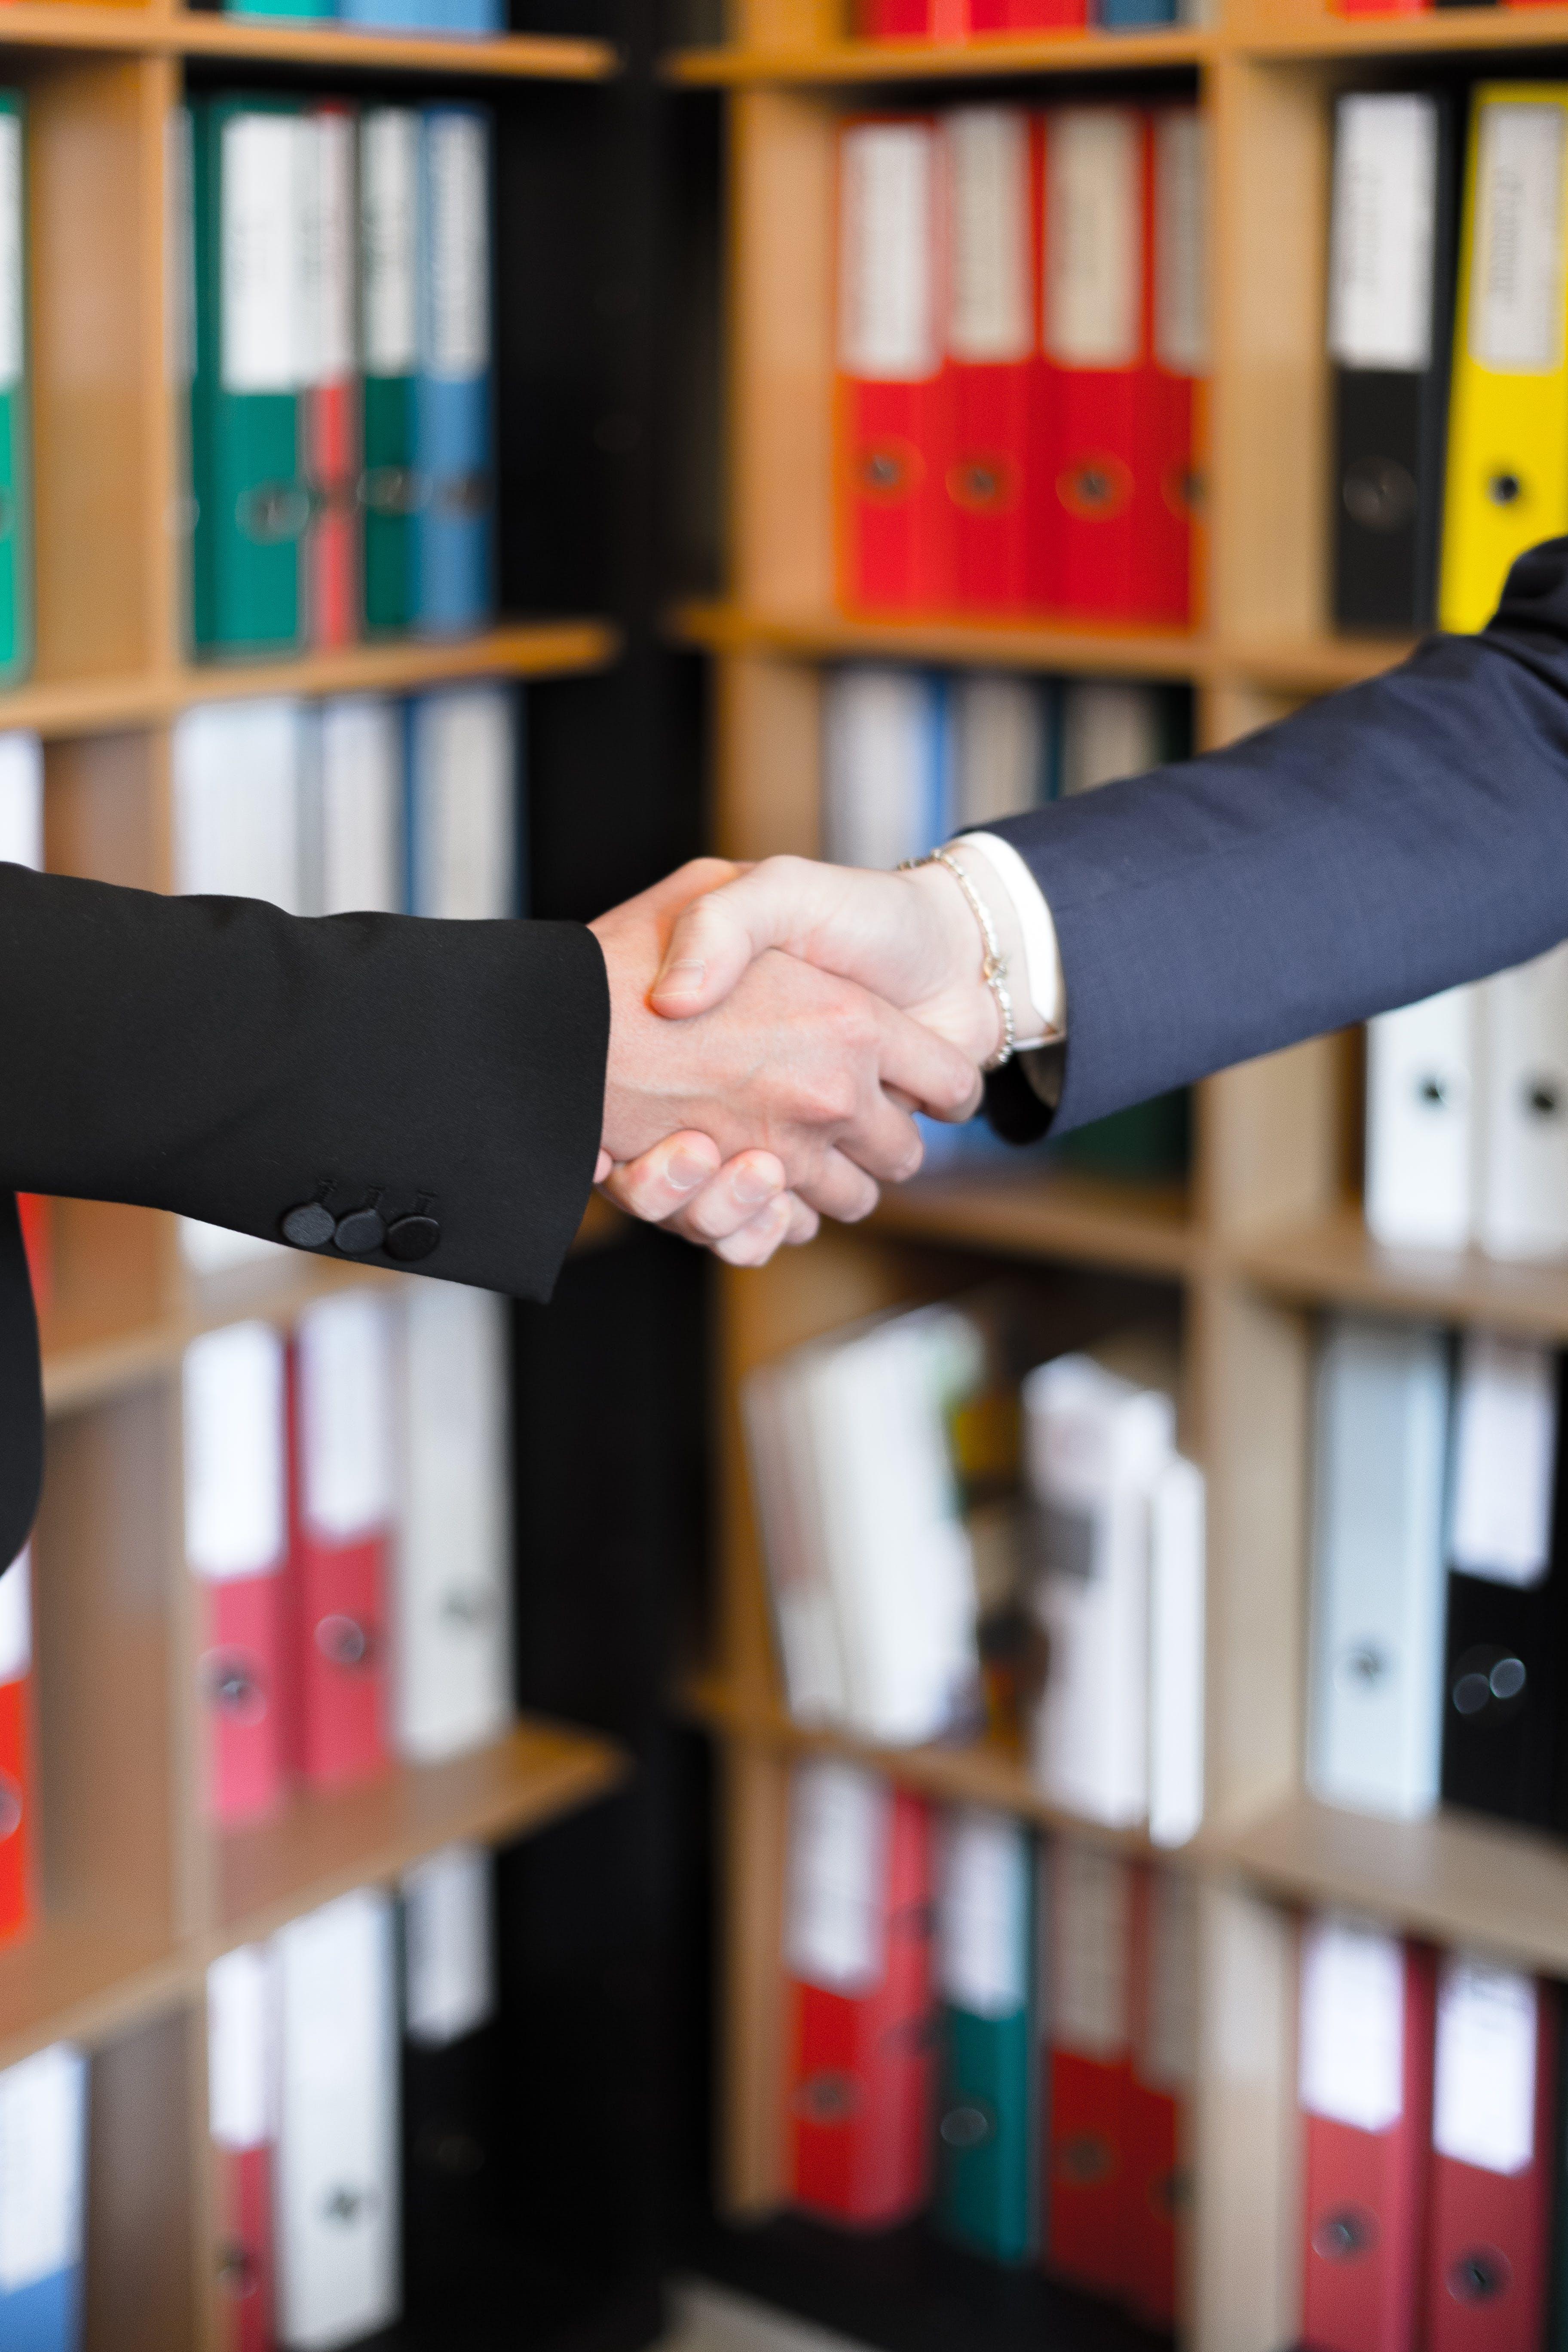 anlaşma, el sıkışma, iş birliği, kitaplık içeren Ücretsiz stok fotoğraf